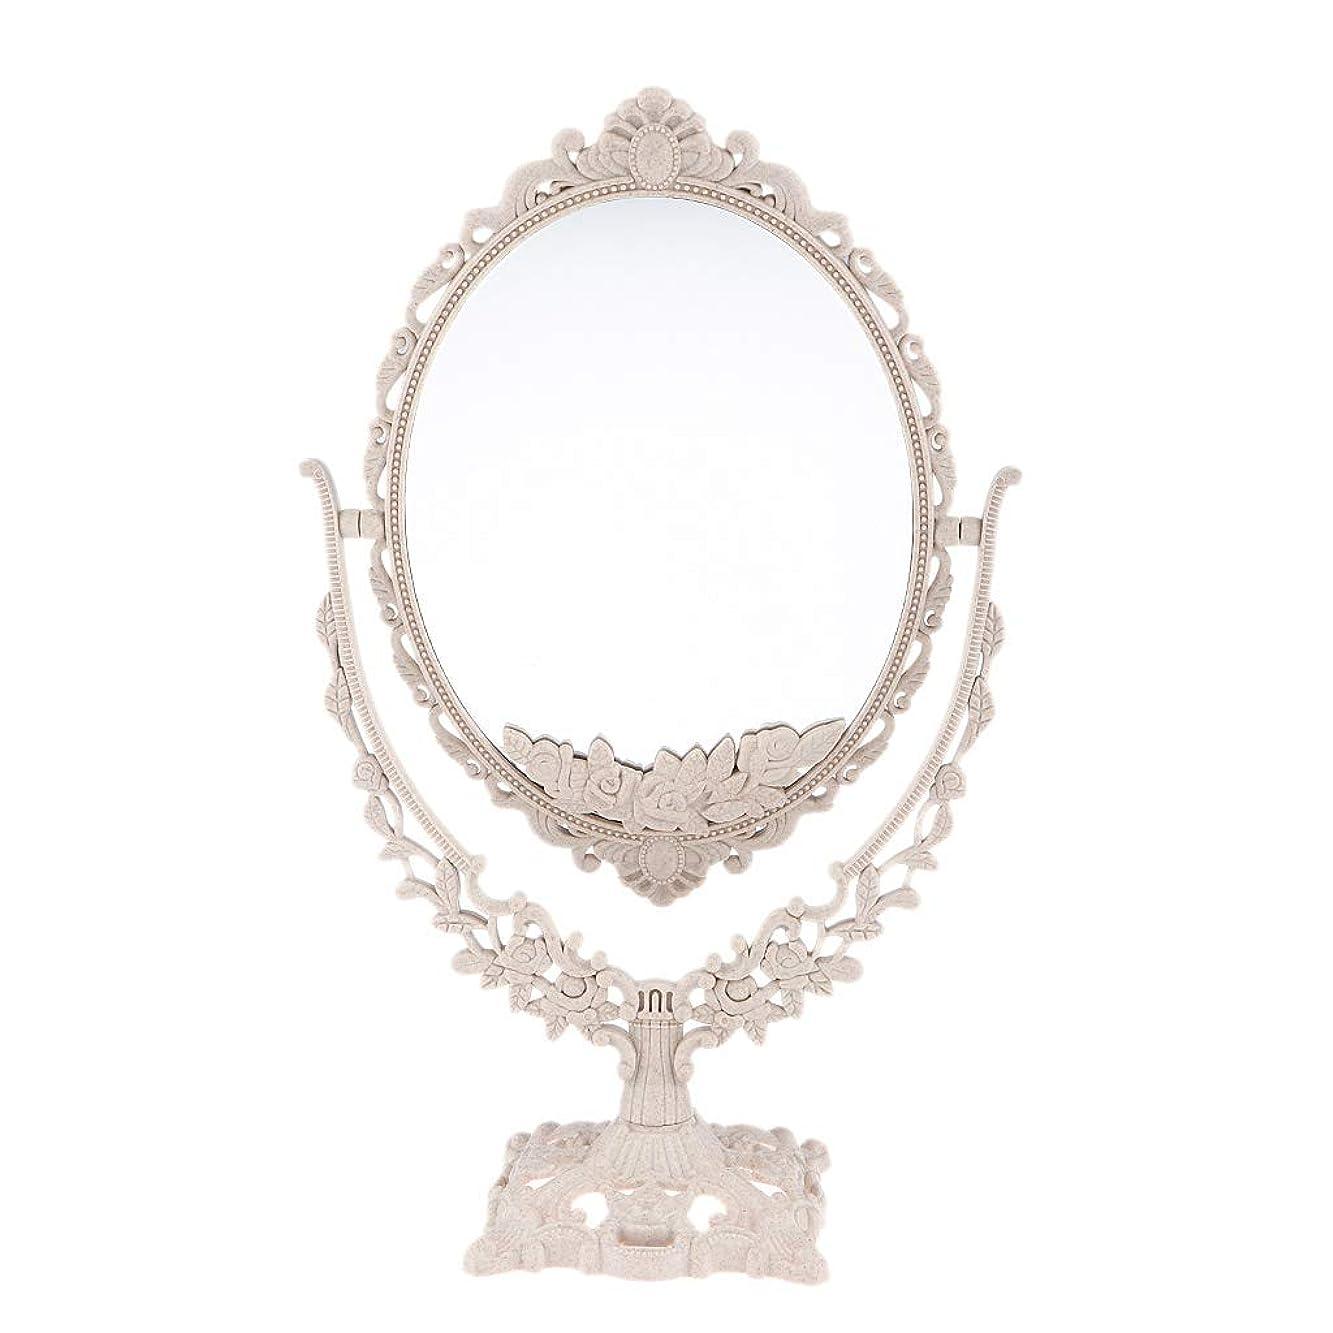 ケープサークルパフPerfeclan ミラー 鏡 メイクアップミラー 化粧鏡 スタンドミラー 両面鏡 卓上鏡 360度回転 彫刻 パターン - 楕円形